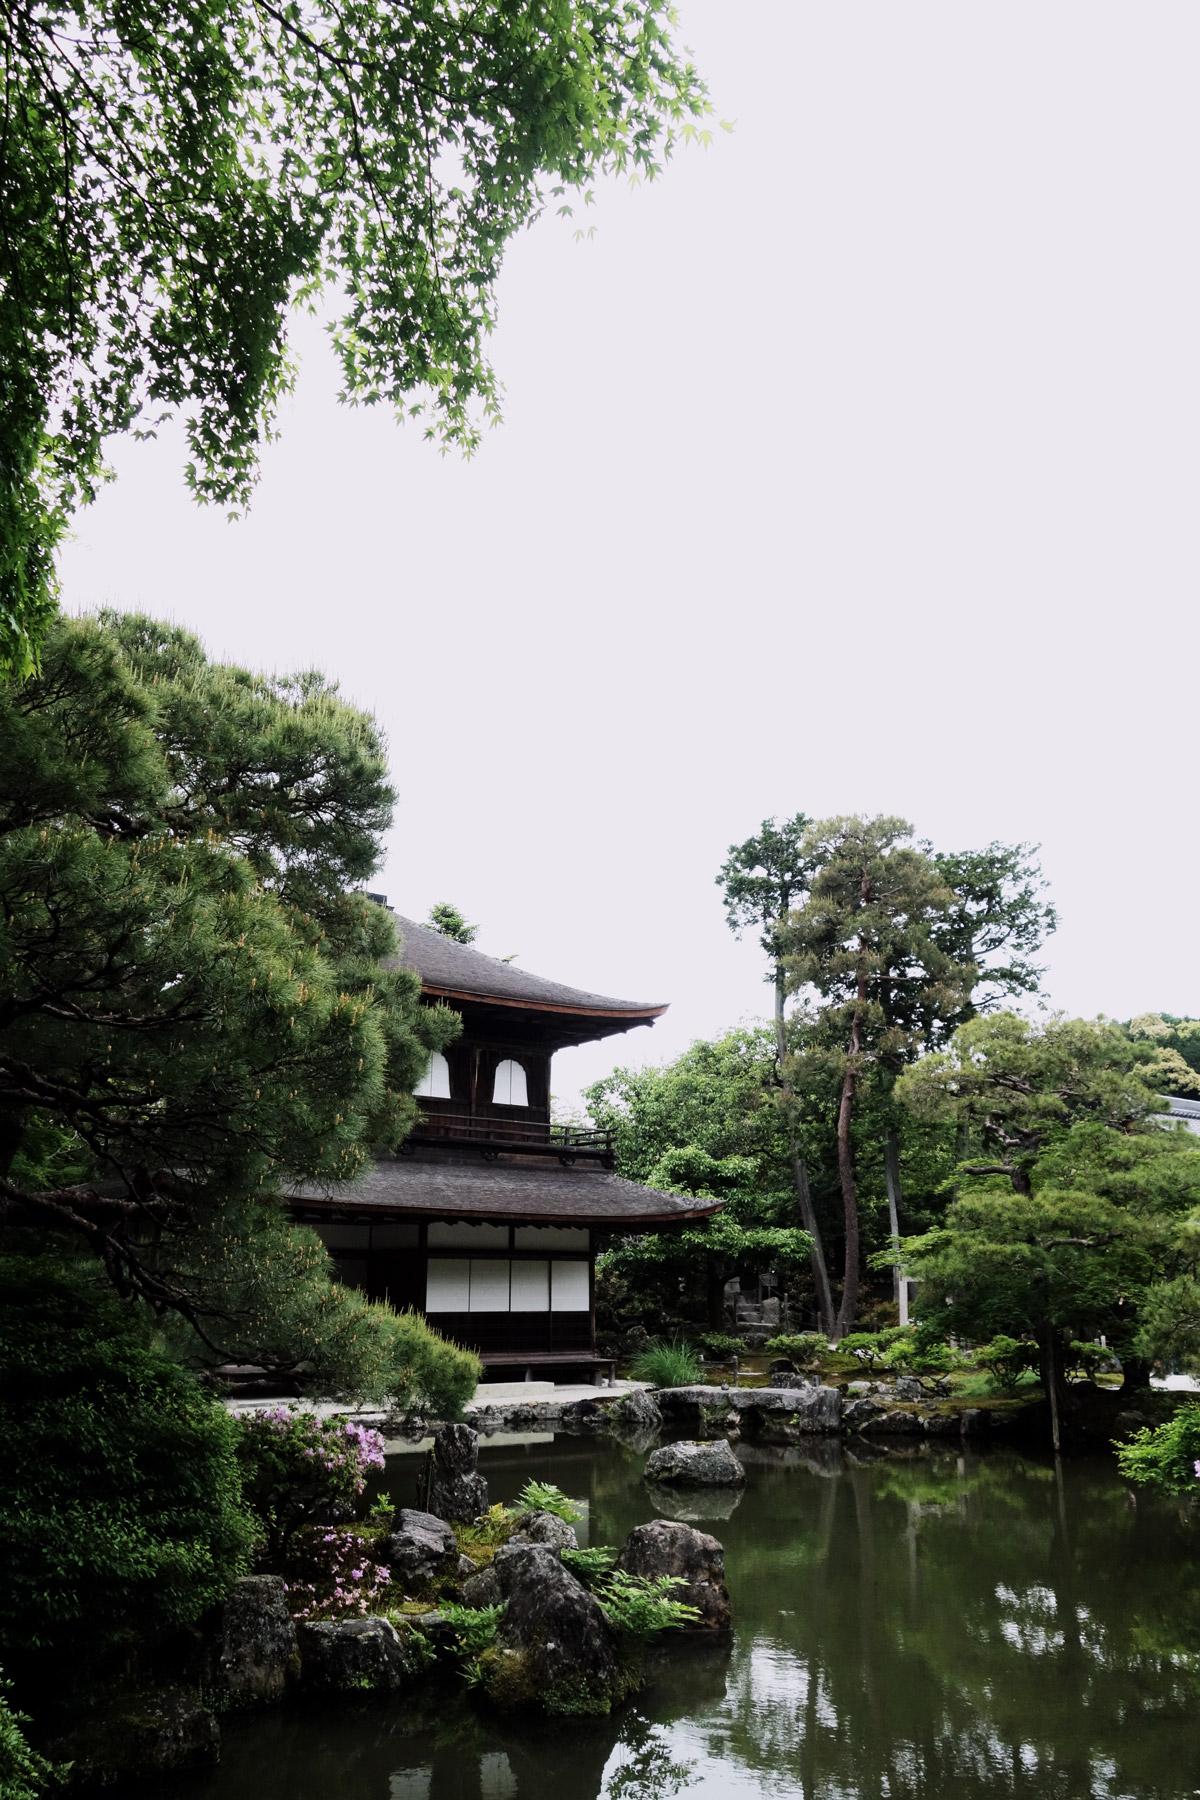 Kyoto Ginkakuji